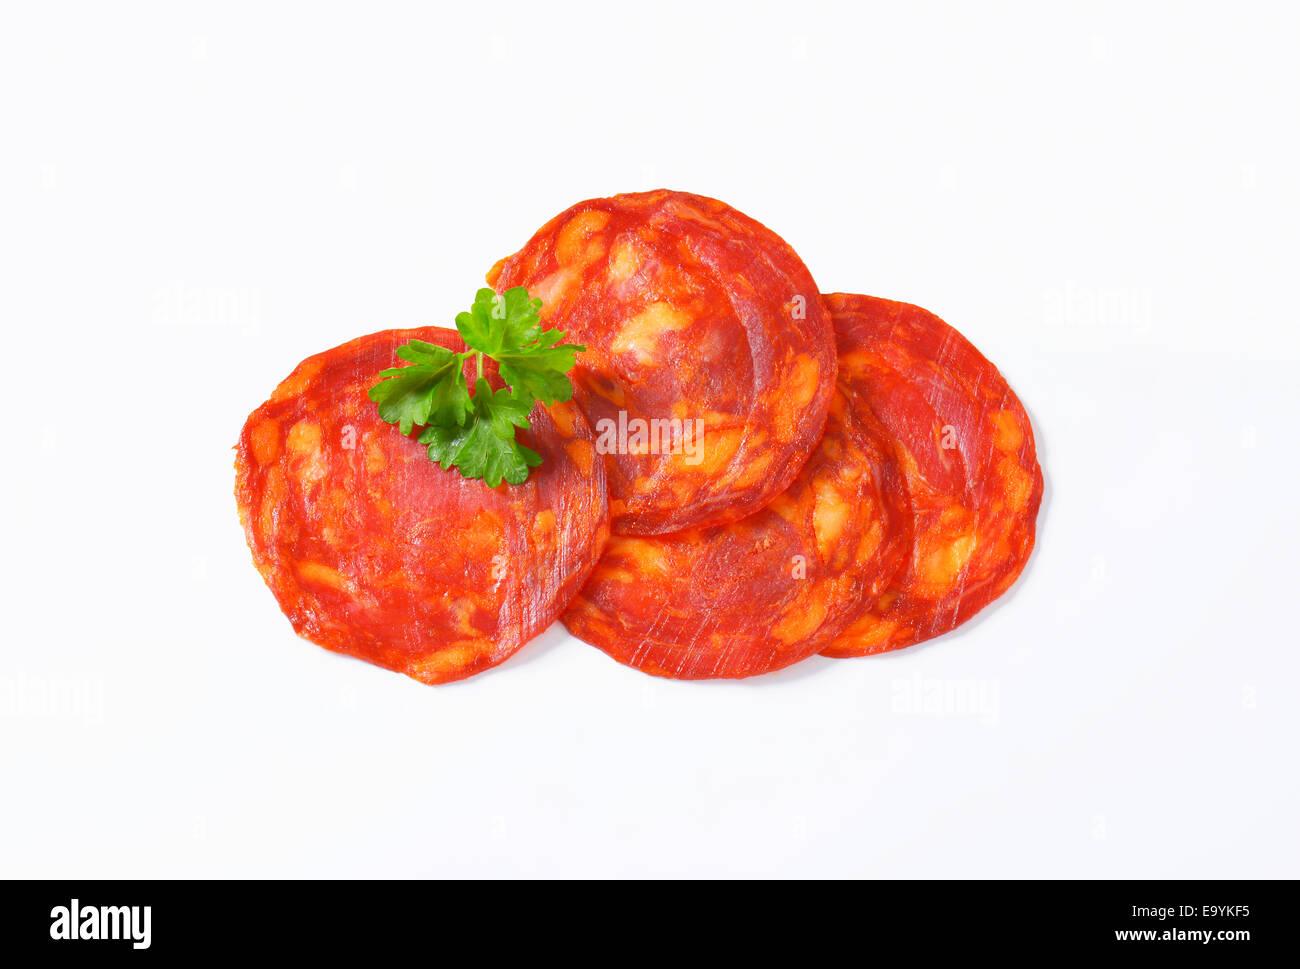 Spanish sausage seasoned with smoked pimenton - thin slices - Stock Image